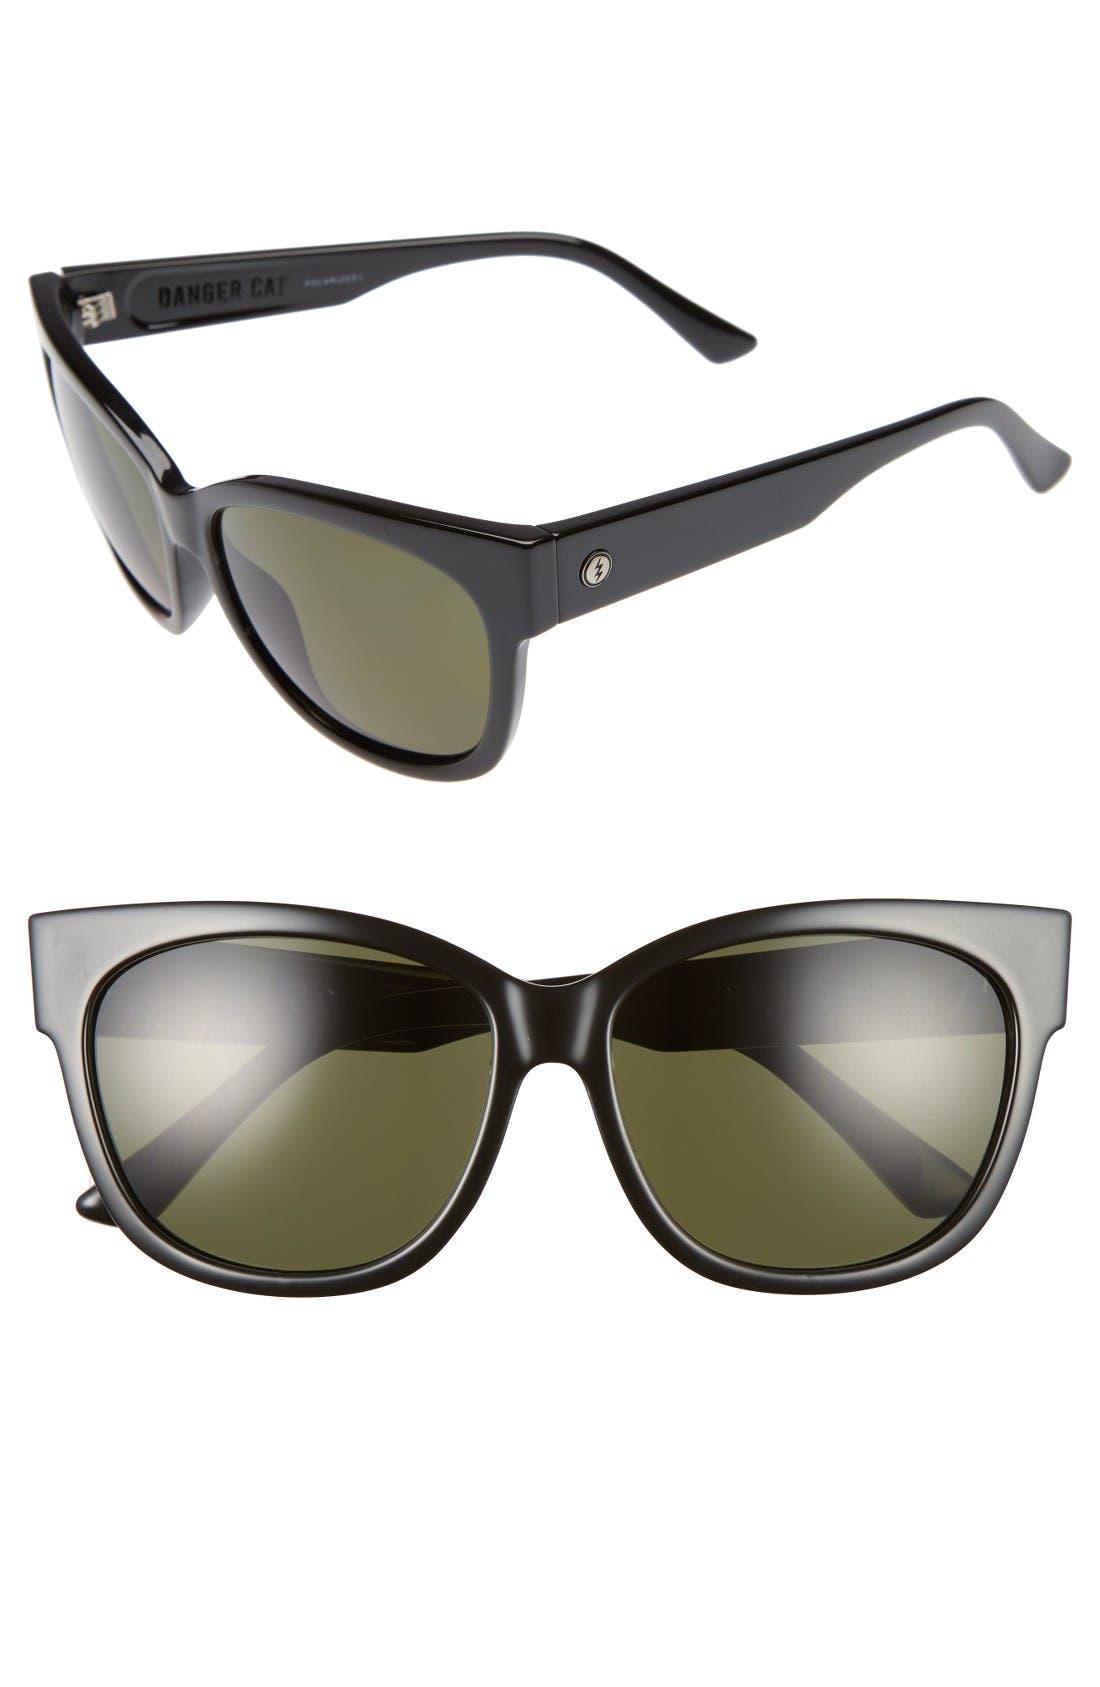 Main Image - ELECTRIC Danger Cat 58mm Sunglasses